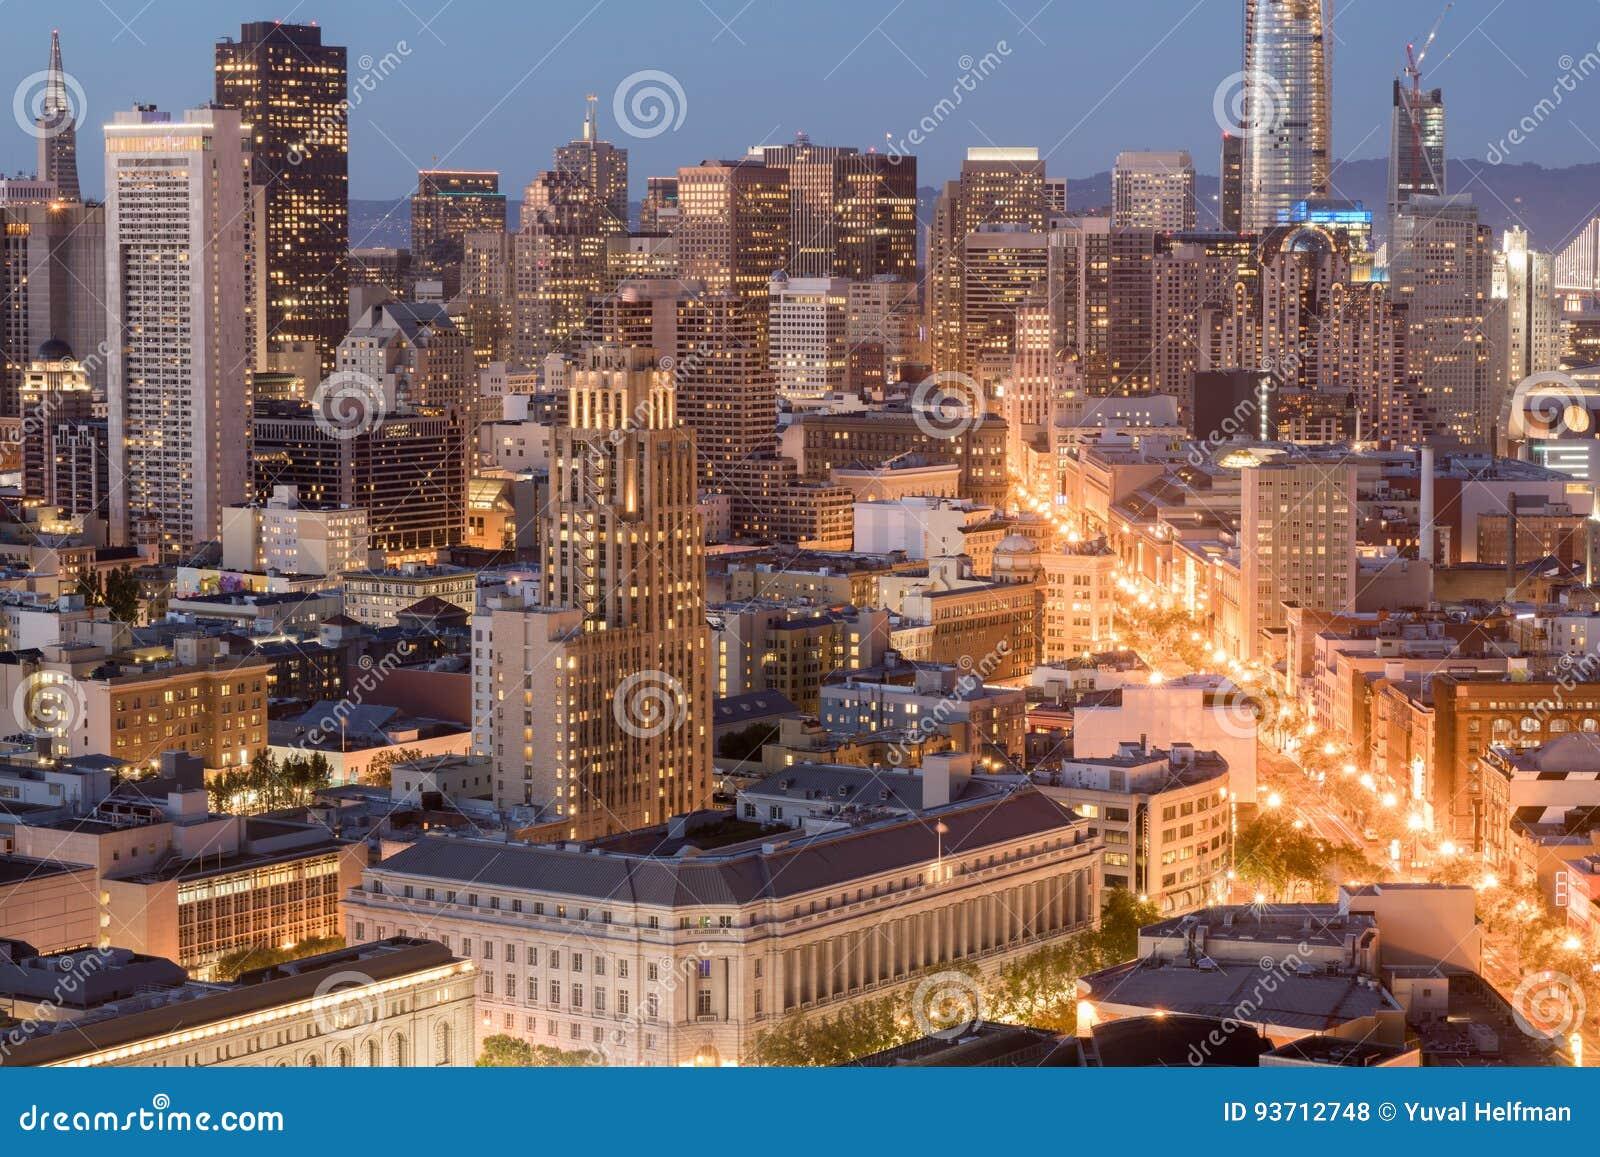 旧金山街市和农贸市场鸟瞰图在黄昏